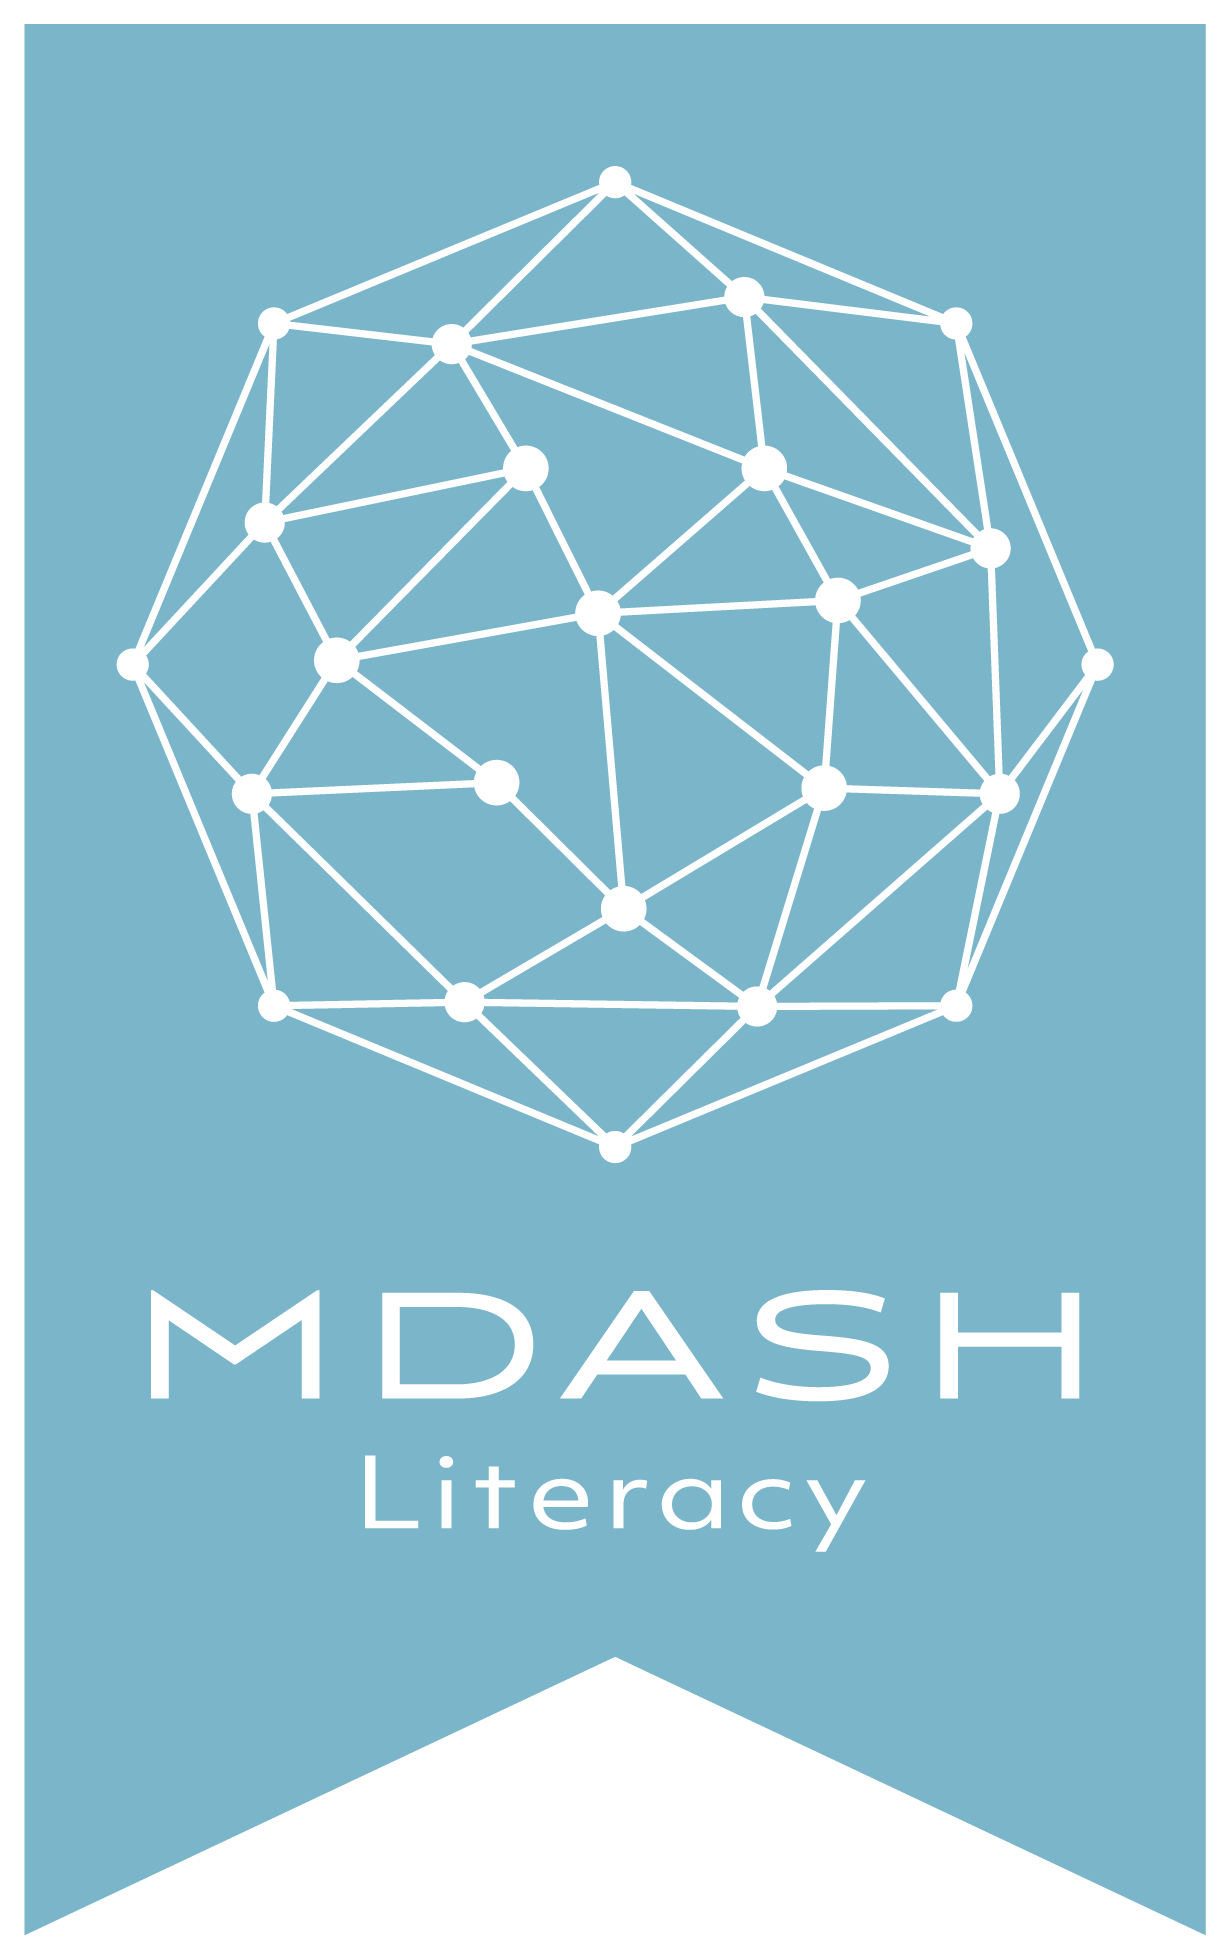 MDASH_logo.png